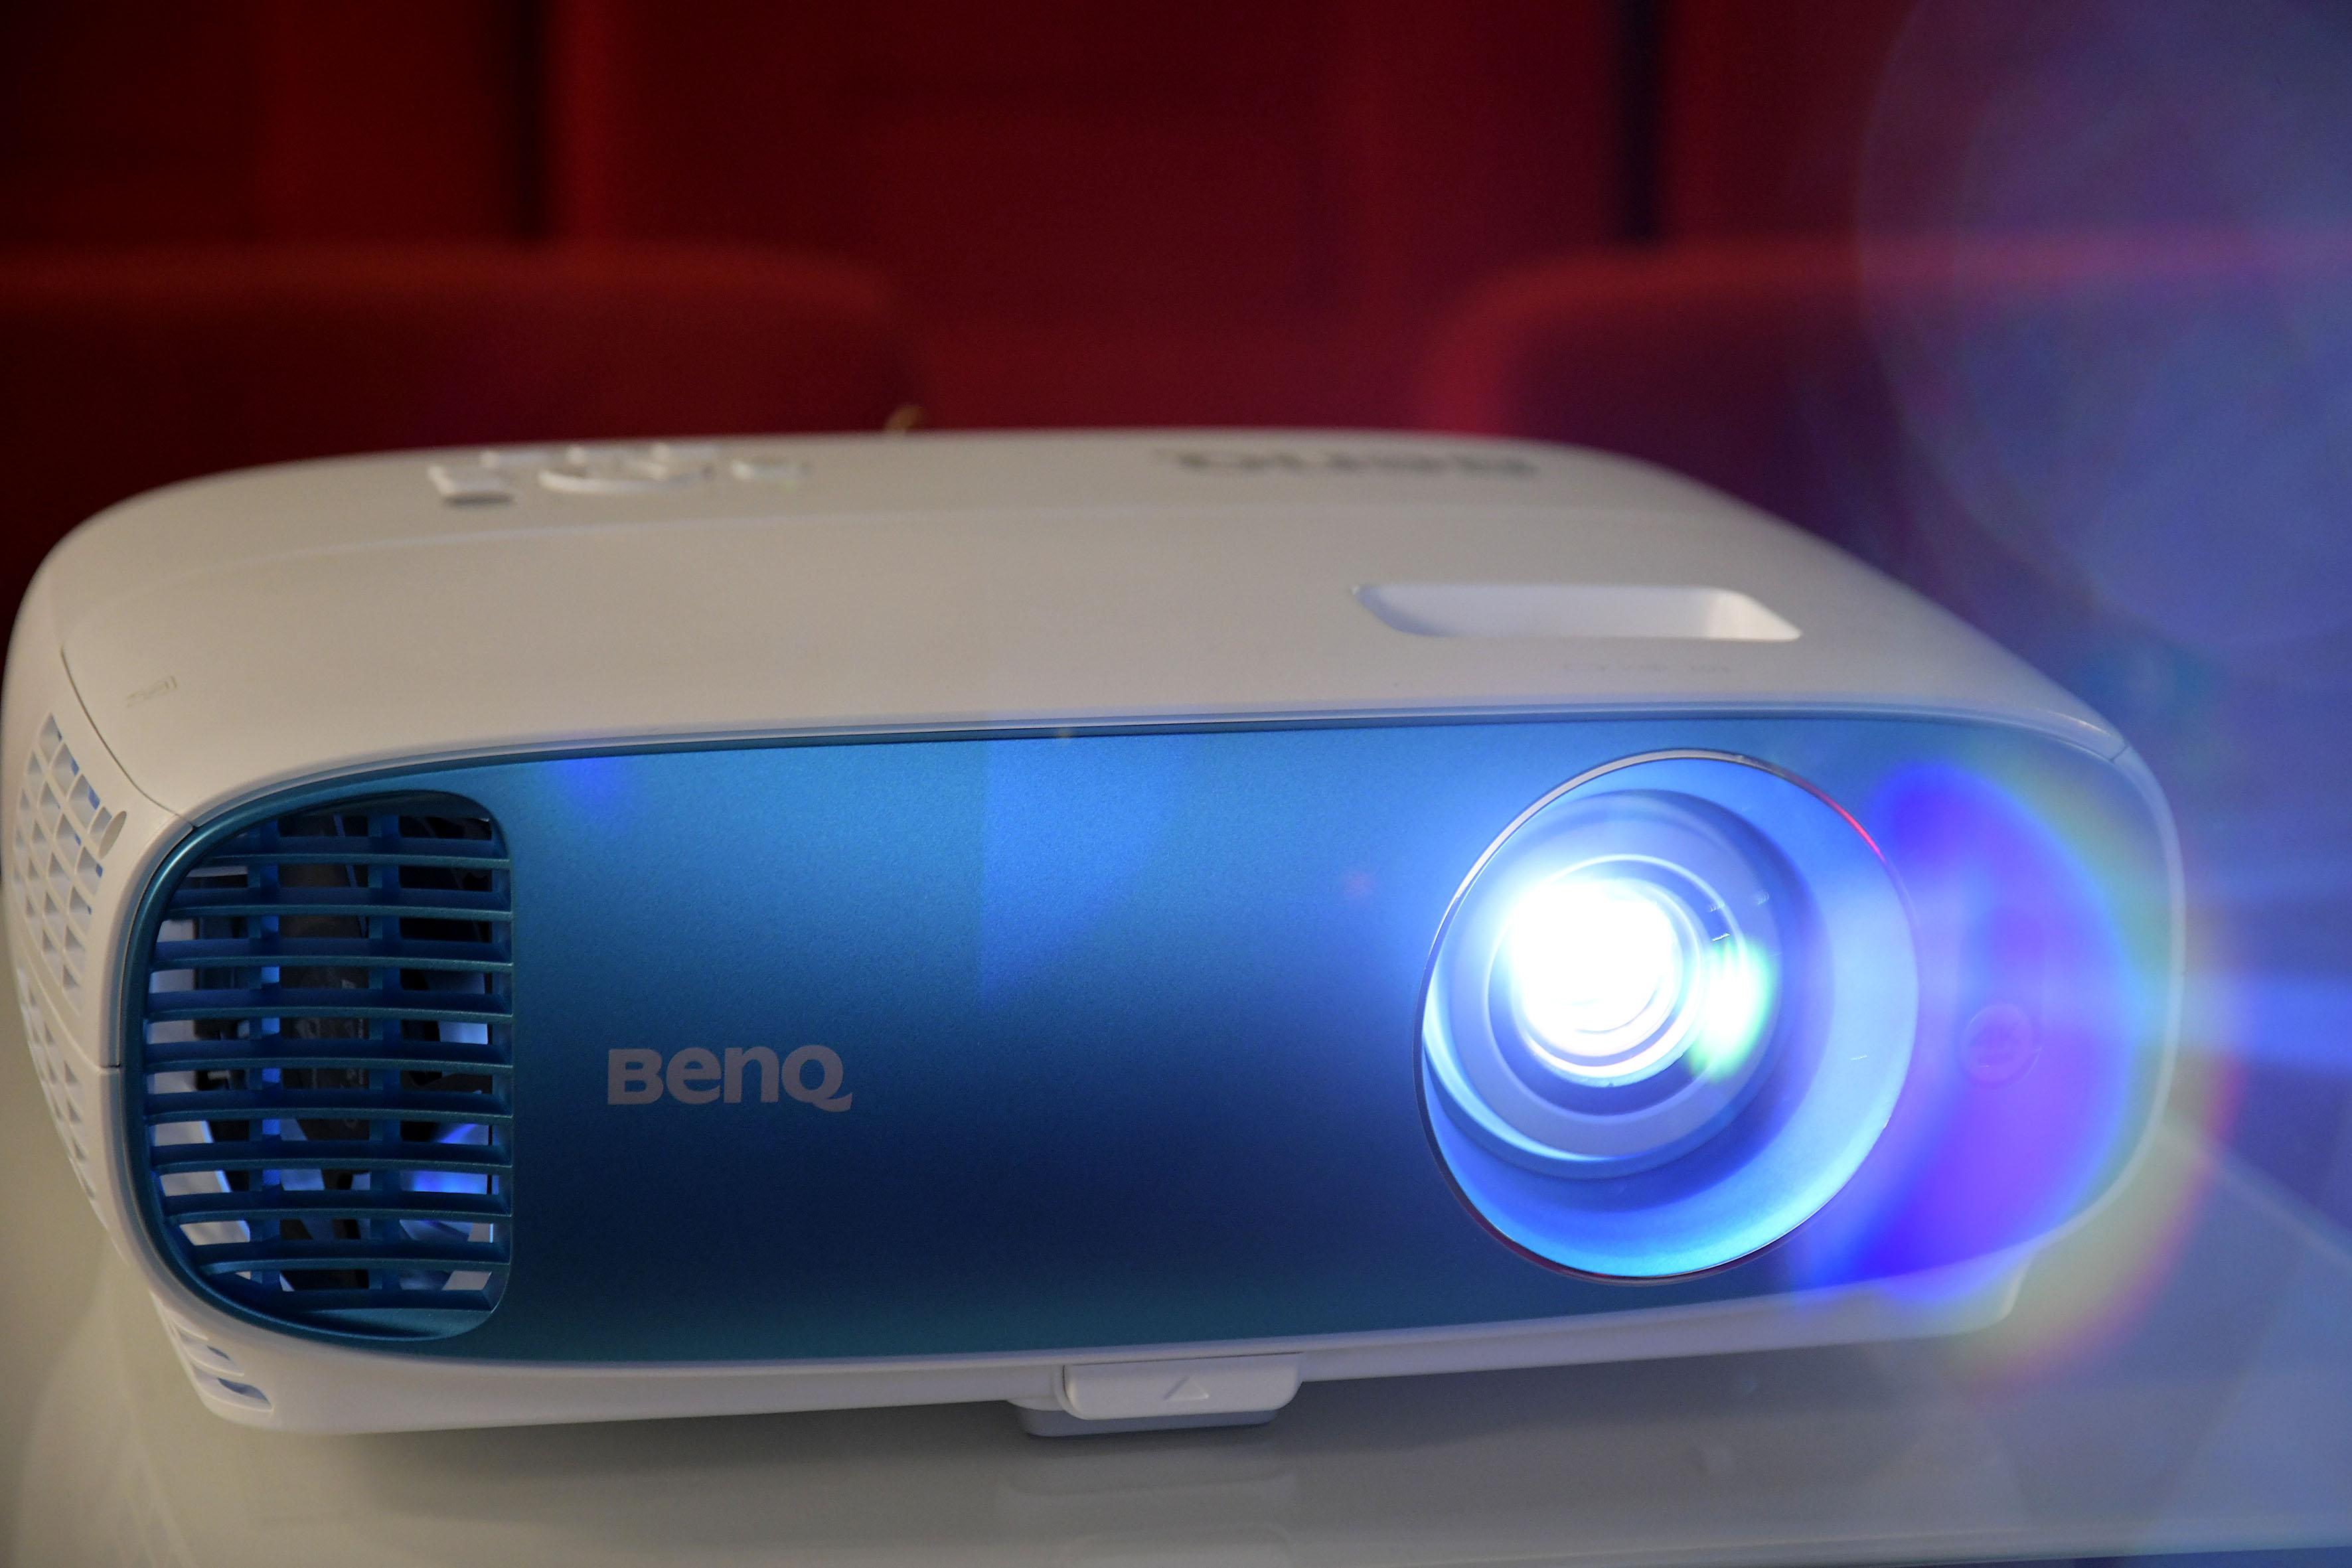 Foto: Michael B. Rehders Der BenQ TK800 gibt ein richtig gutes Bild im Heimkino ab – auch optisch.